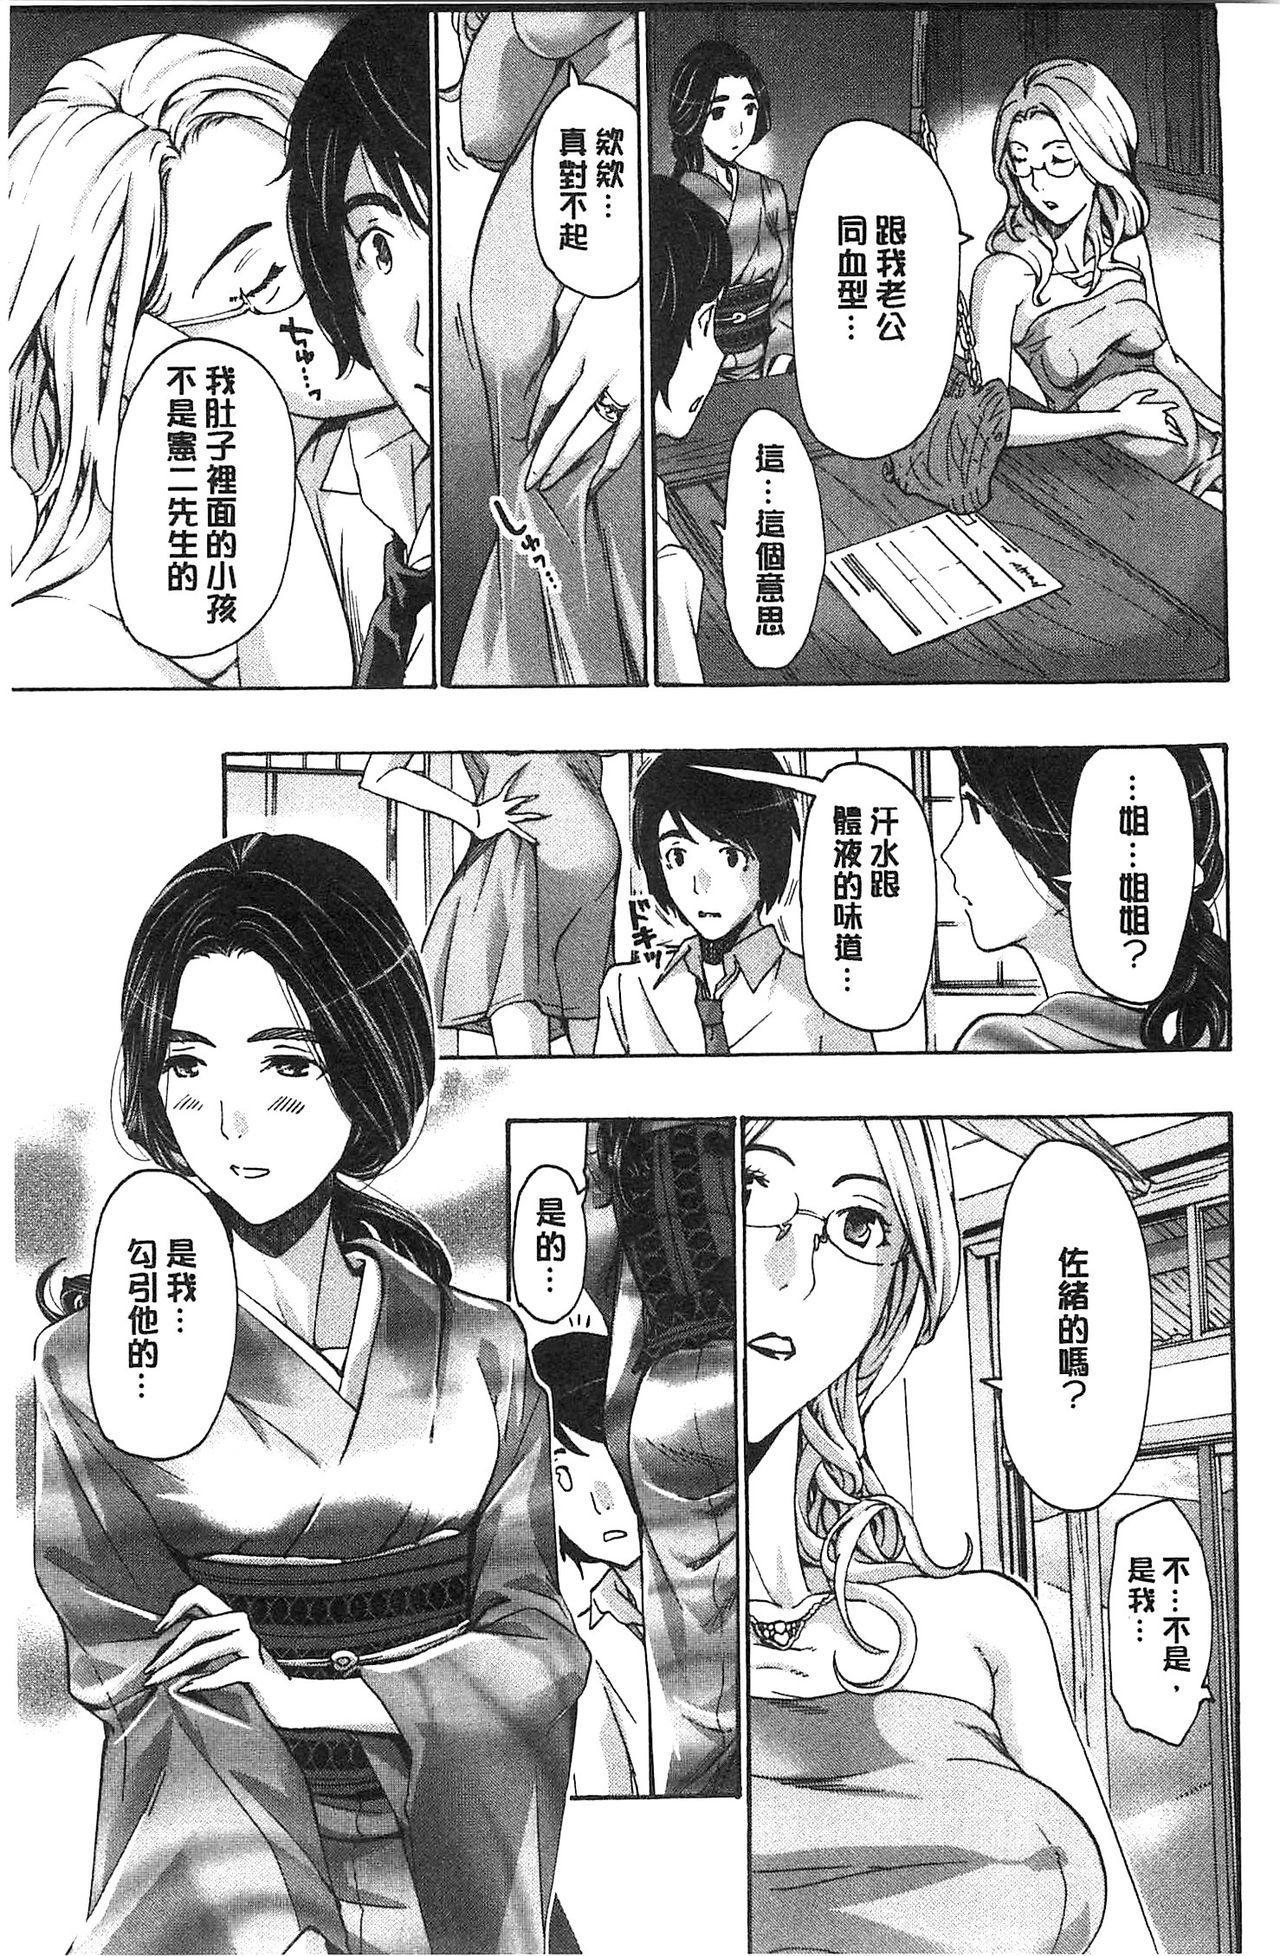 Watashito Iikoto Shiyo? 129